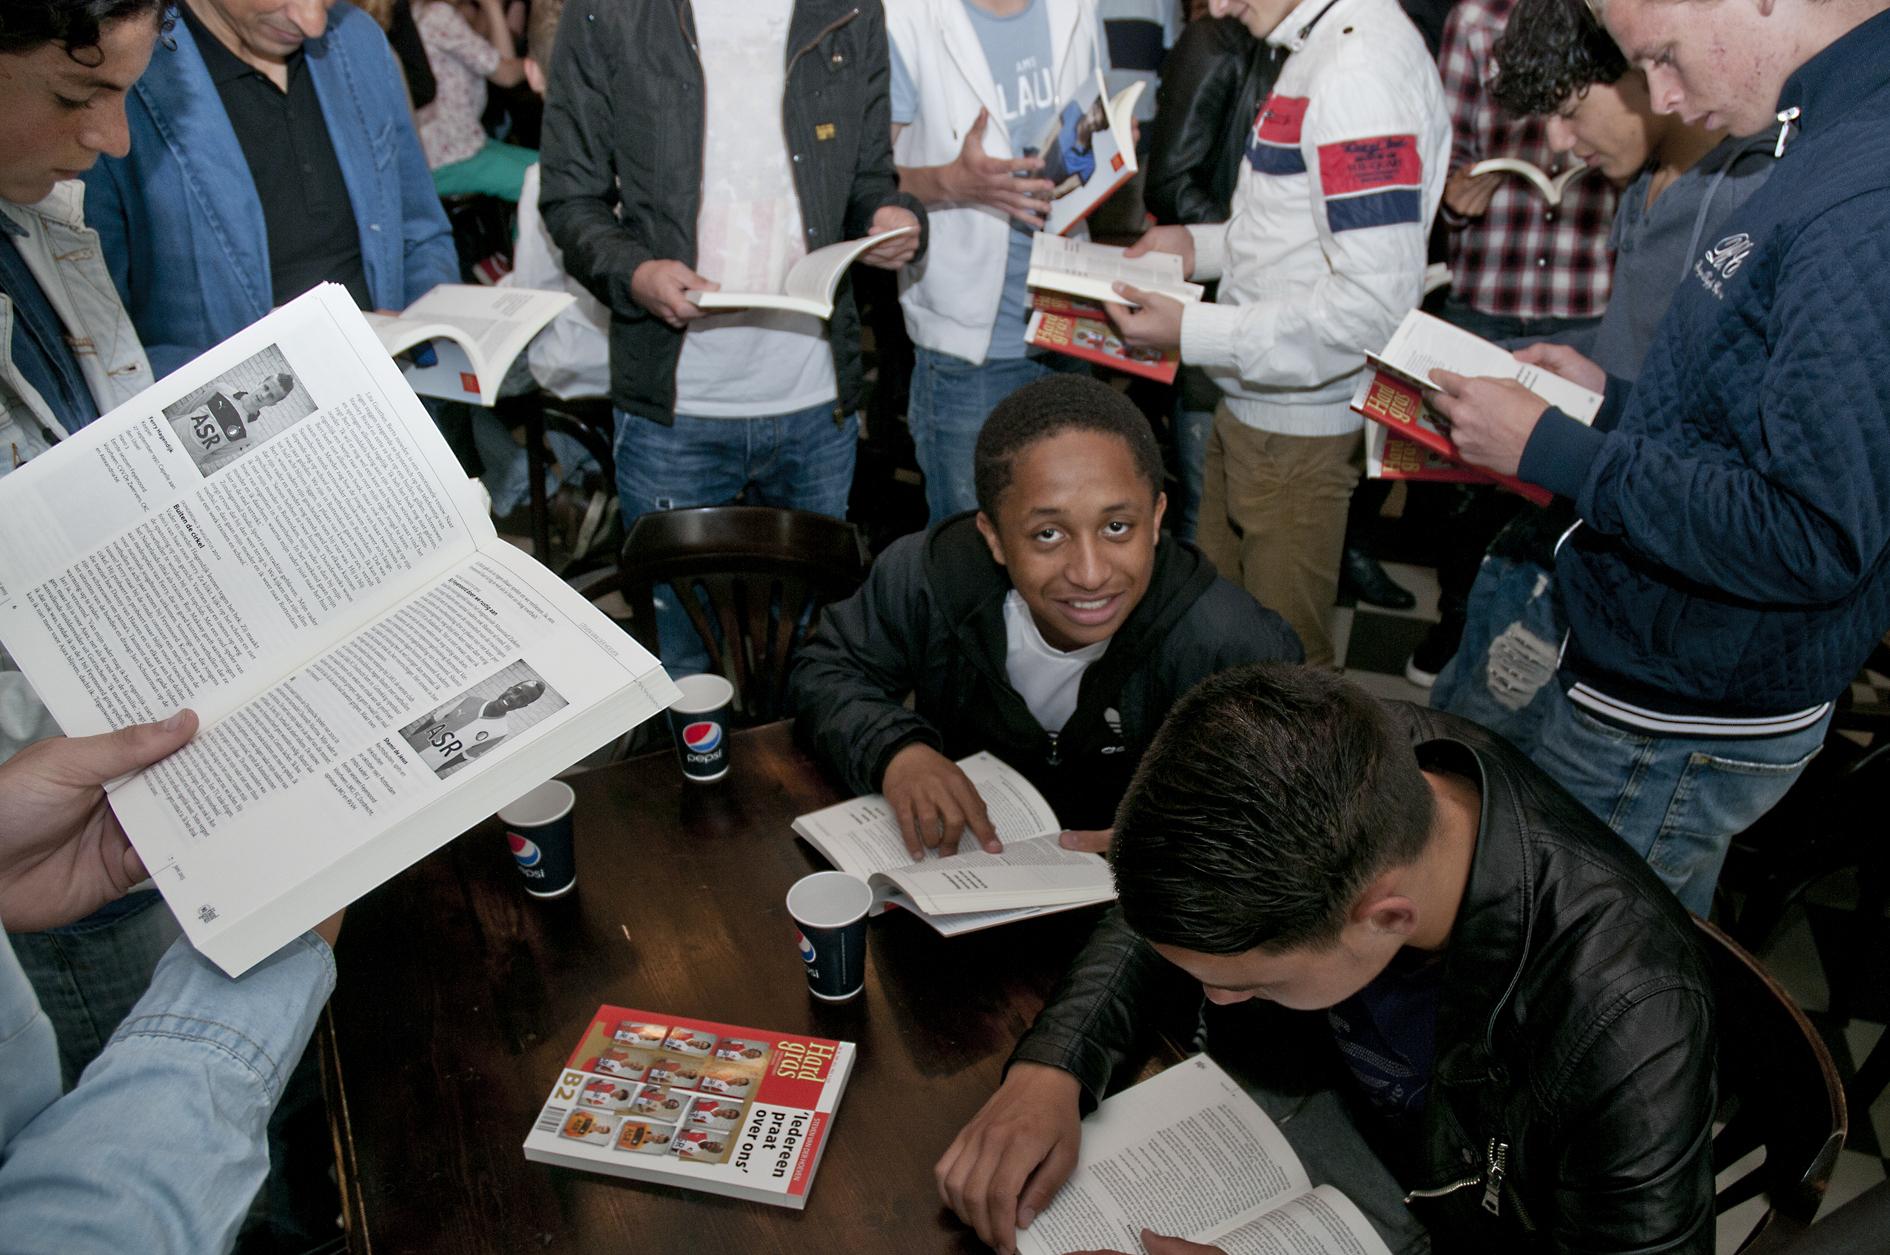 De jongens van 'Onder 16' hebben een exemplaar van 'Iedereen praat over ons' uitgereikt gekregen. Rechtsonder Calvin Verdonk.